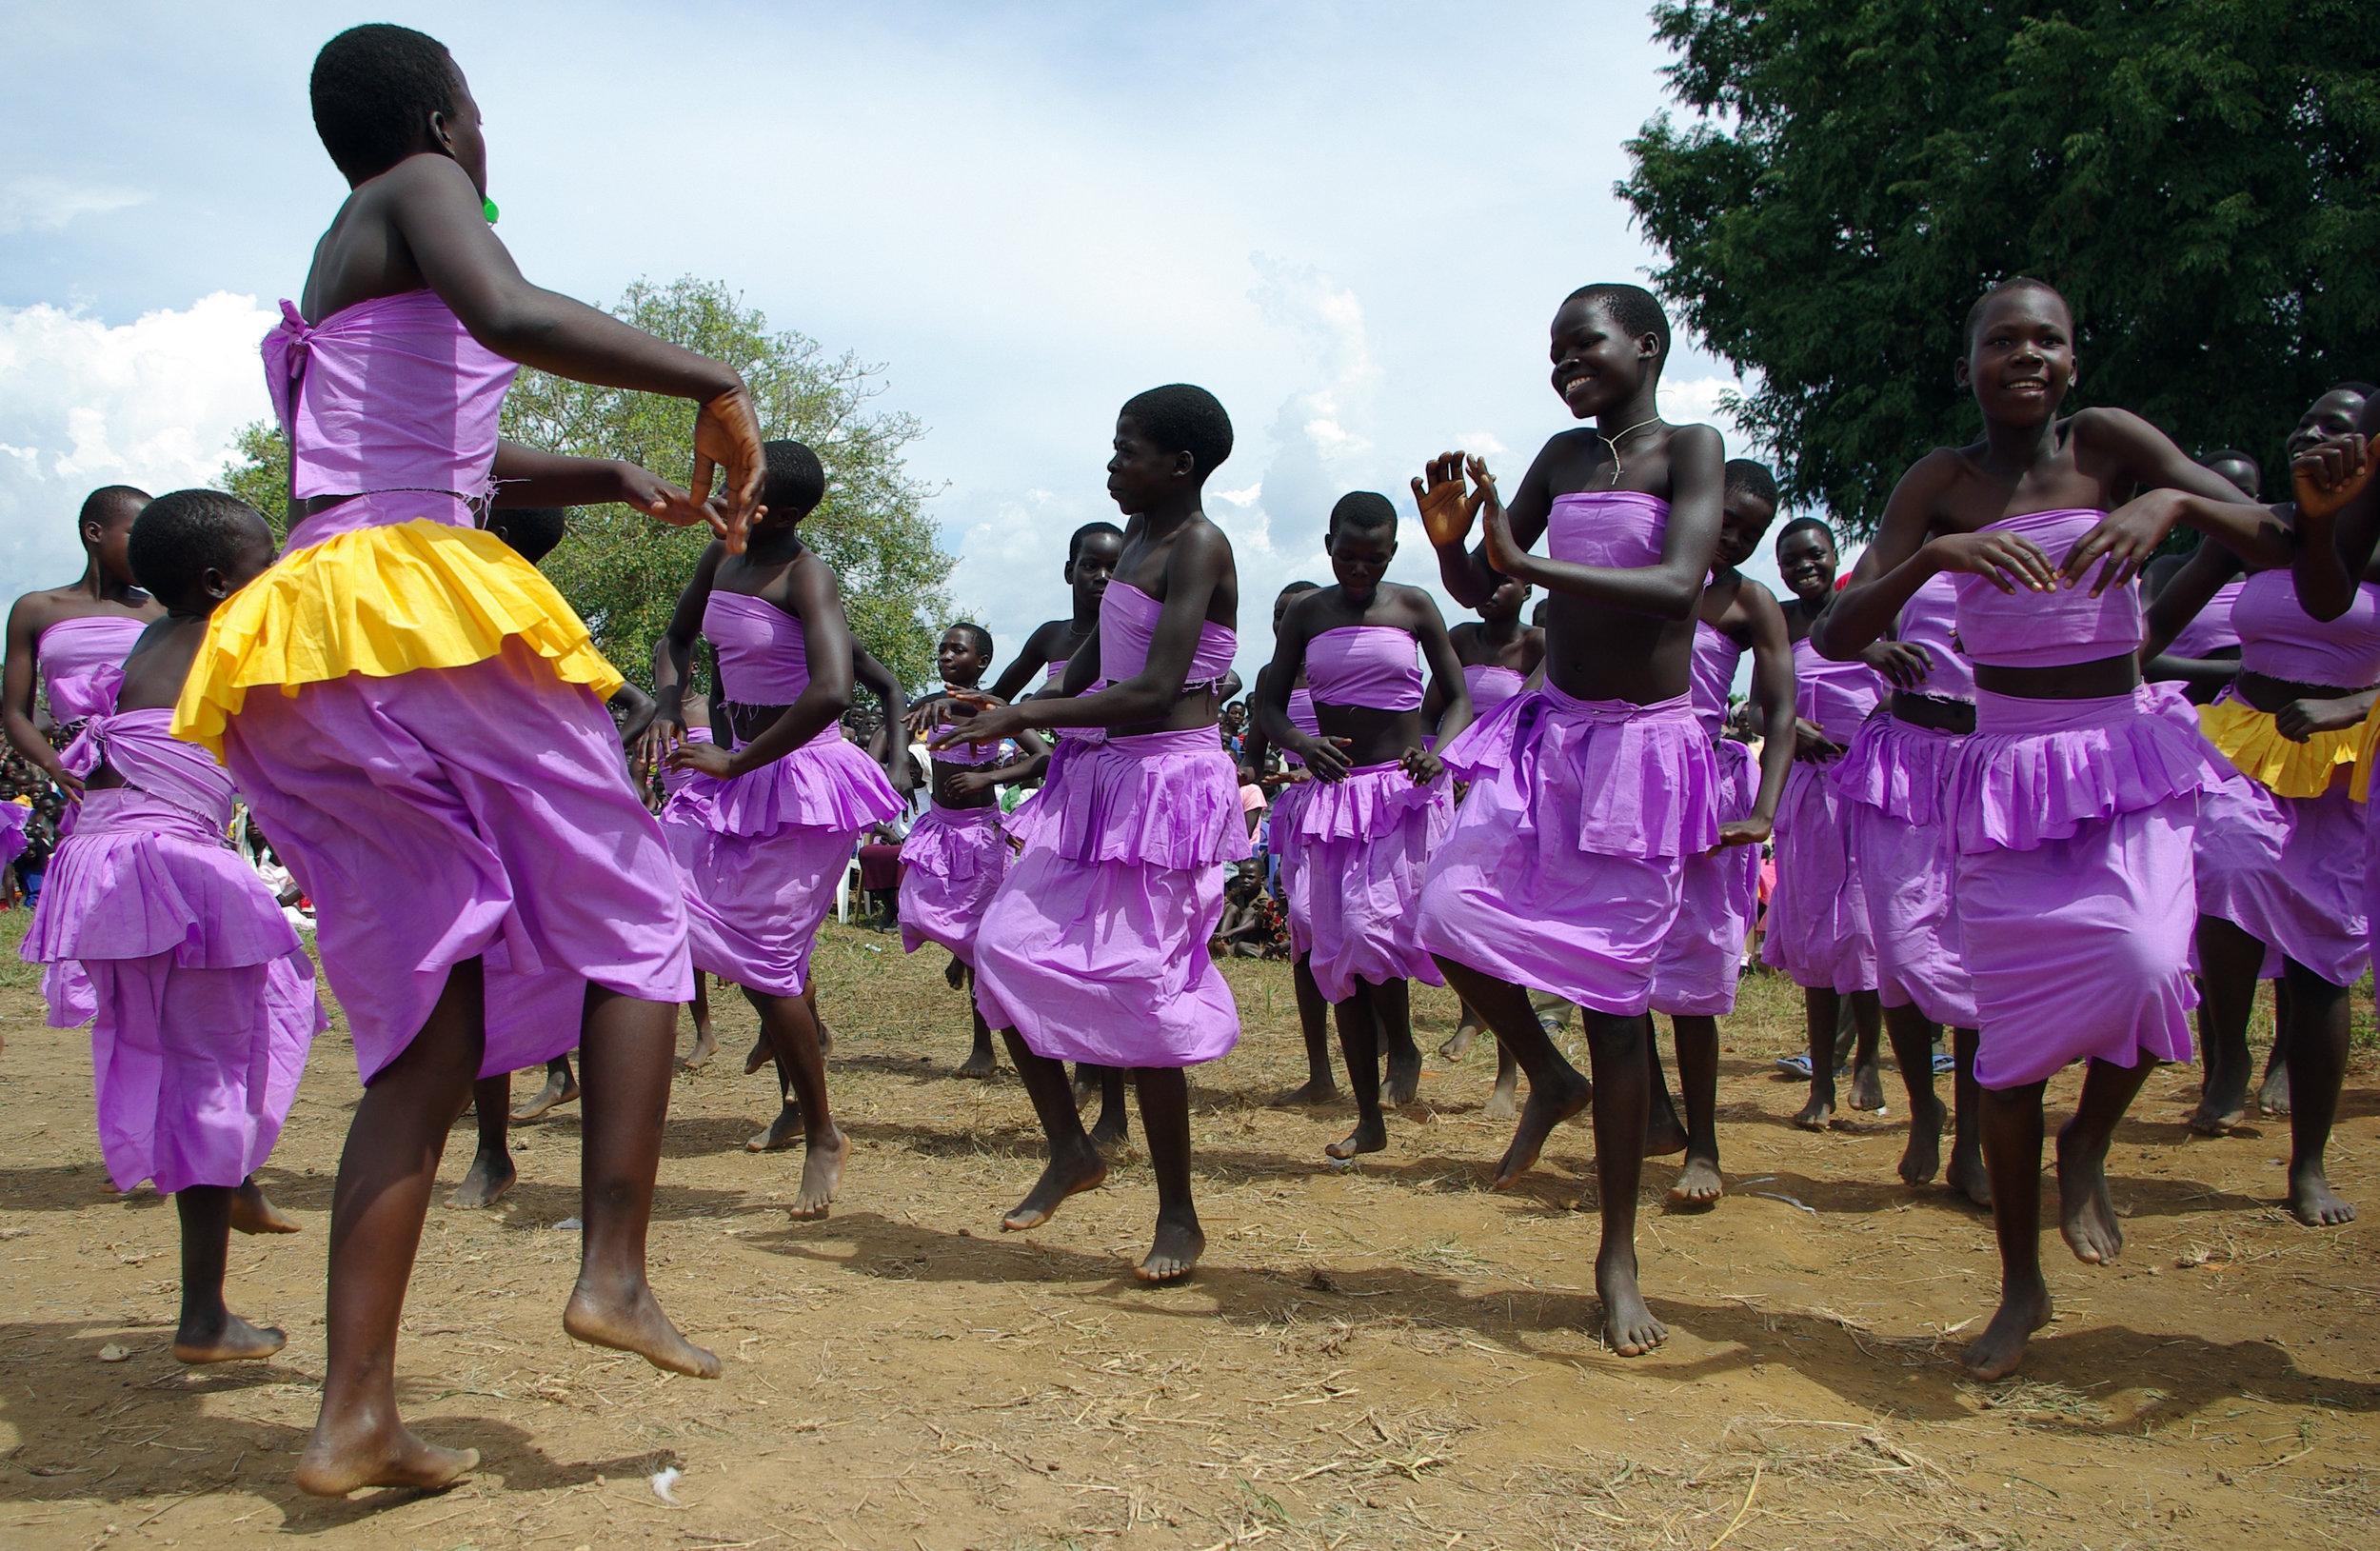 violetdancers.jpg